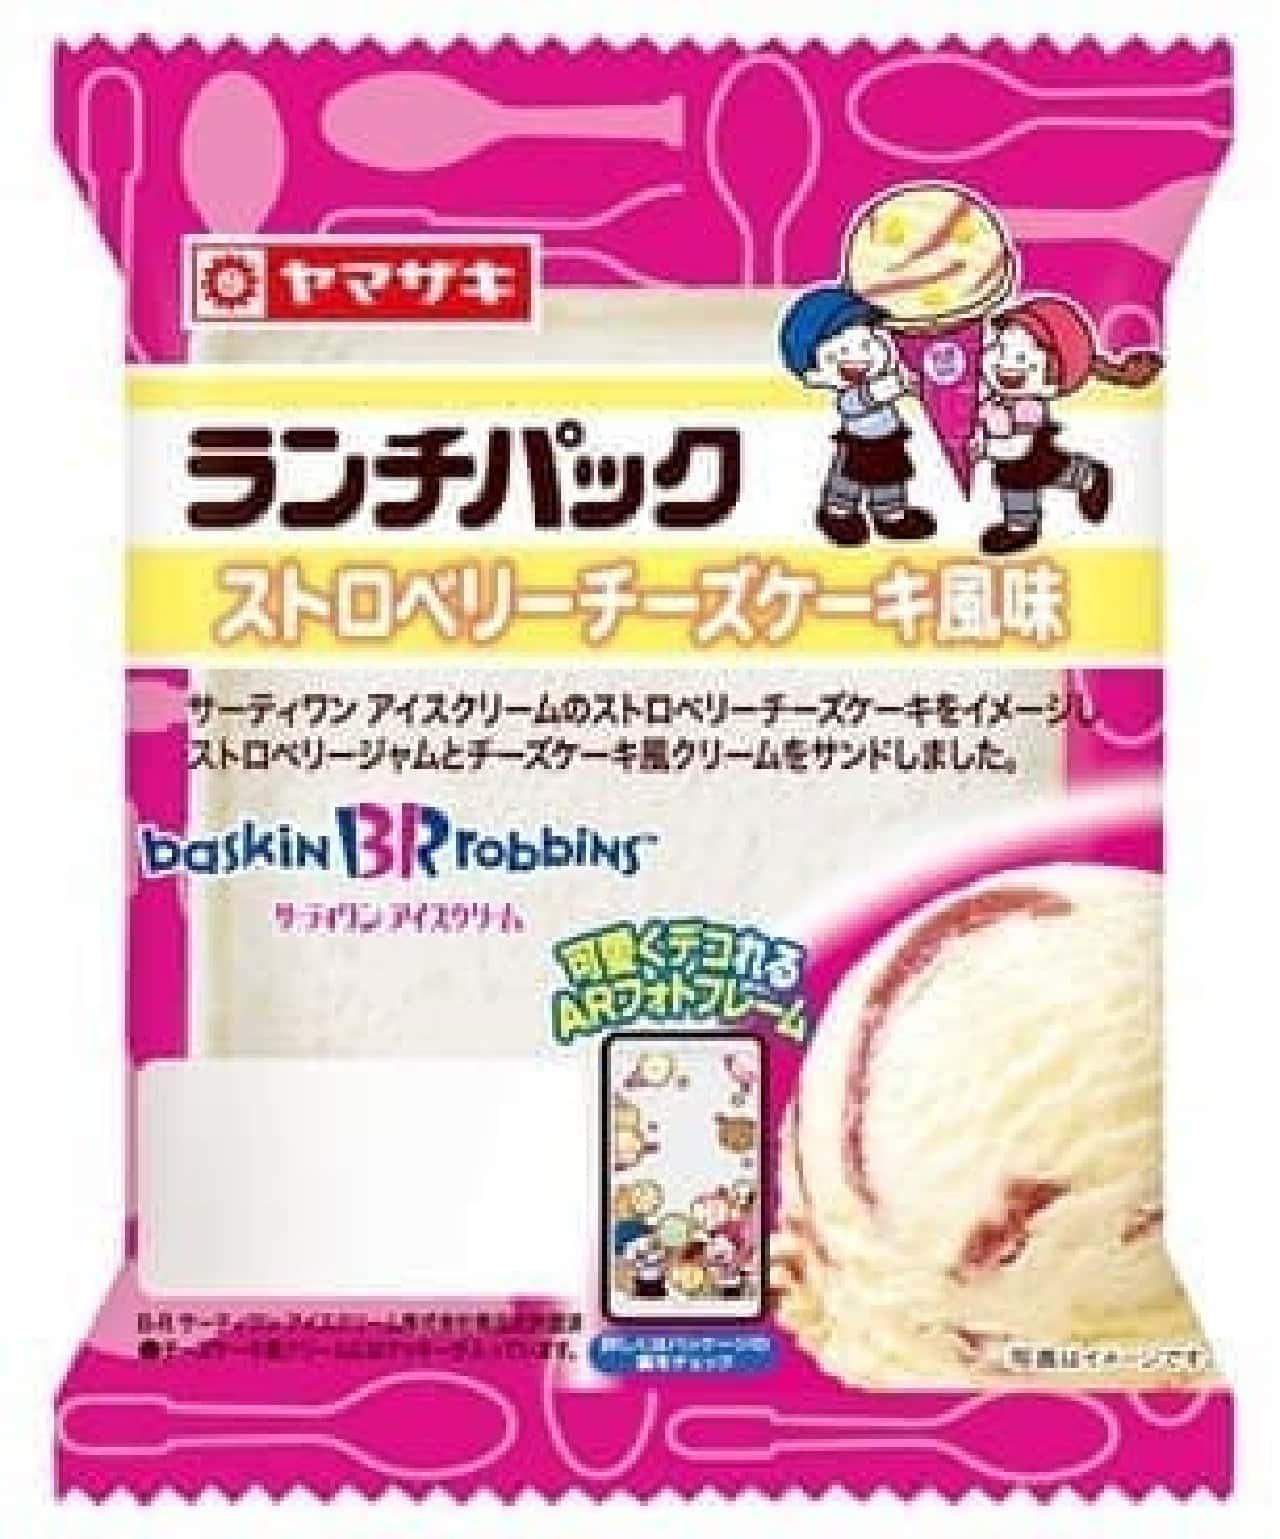 山崎製パン「ランチパック(ストロベリーチーズケーキ風味)」